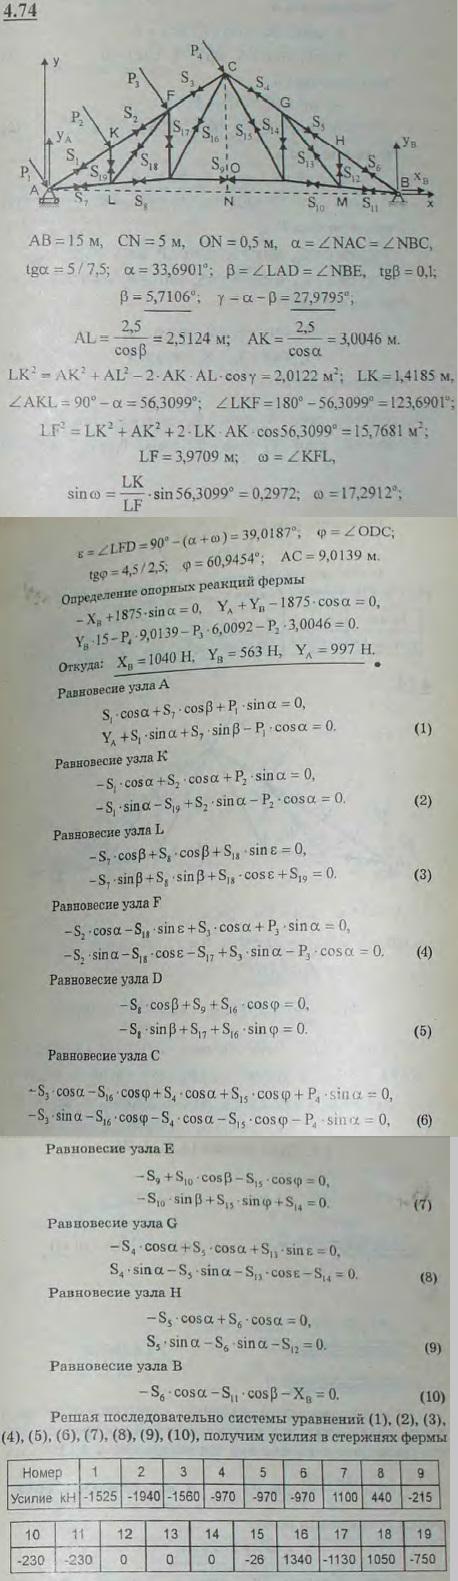 В узлах стропильной фермы с равными панелями вследствие давления ветра возникают силы, перпендикулярные кровле: P1=P4=312,..., Задача 2770, Теоретическая механика